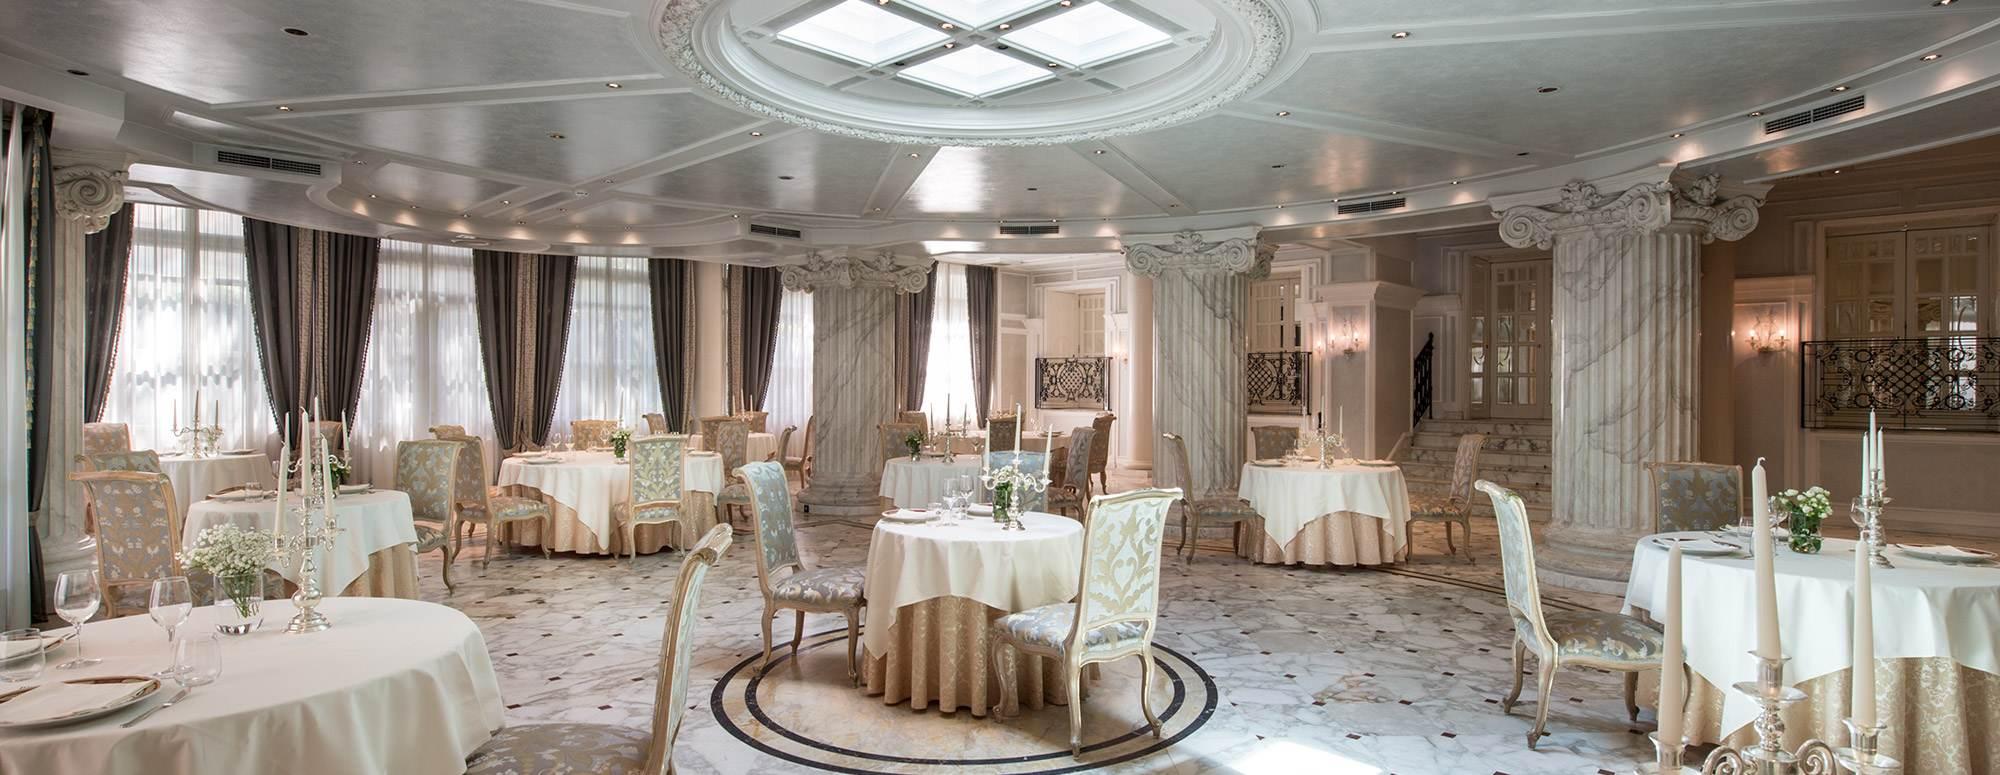 Hotel con ristorante riccione e giardino esterno grand for Grand hotel des bain